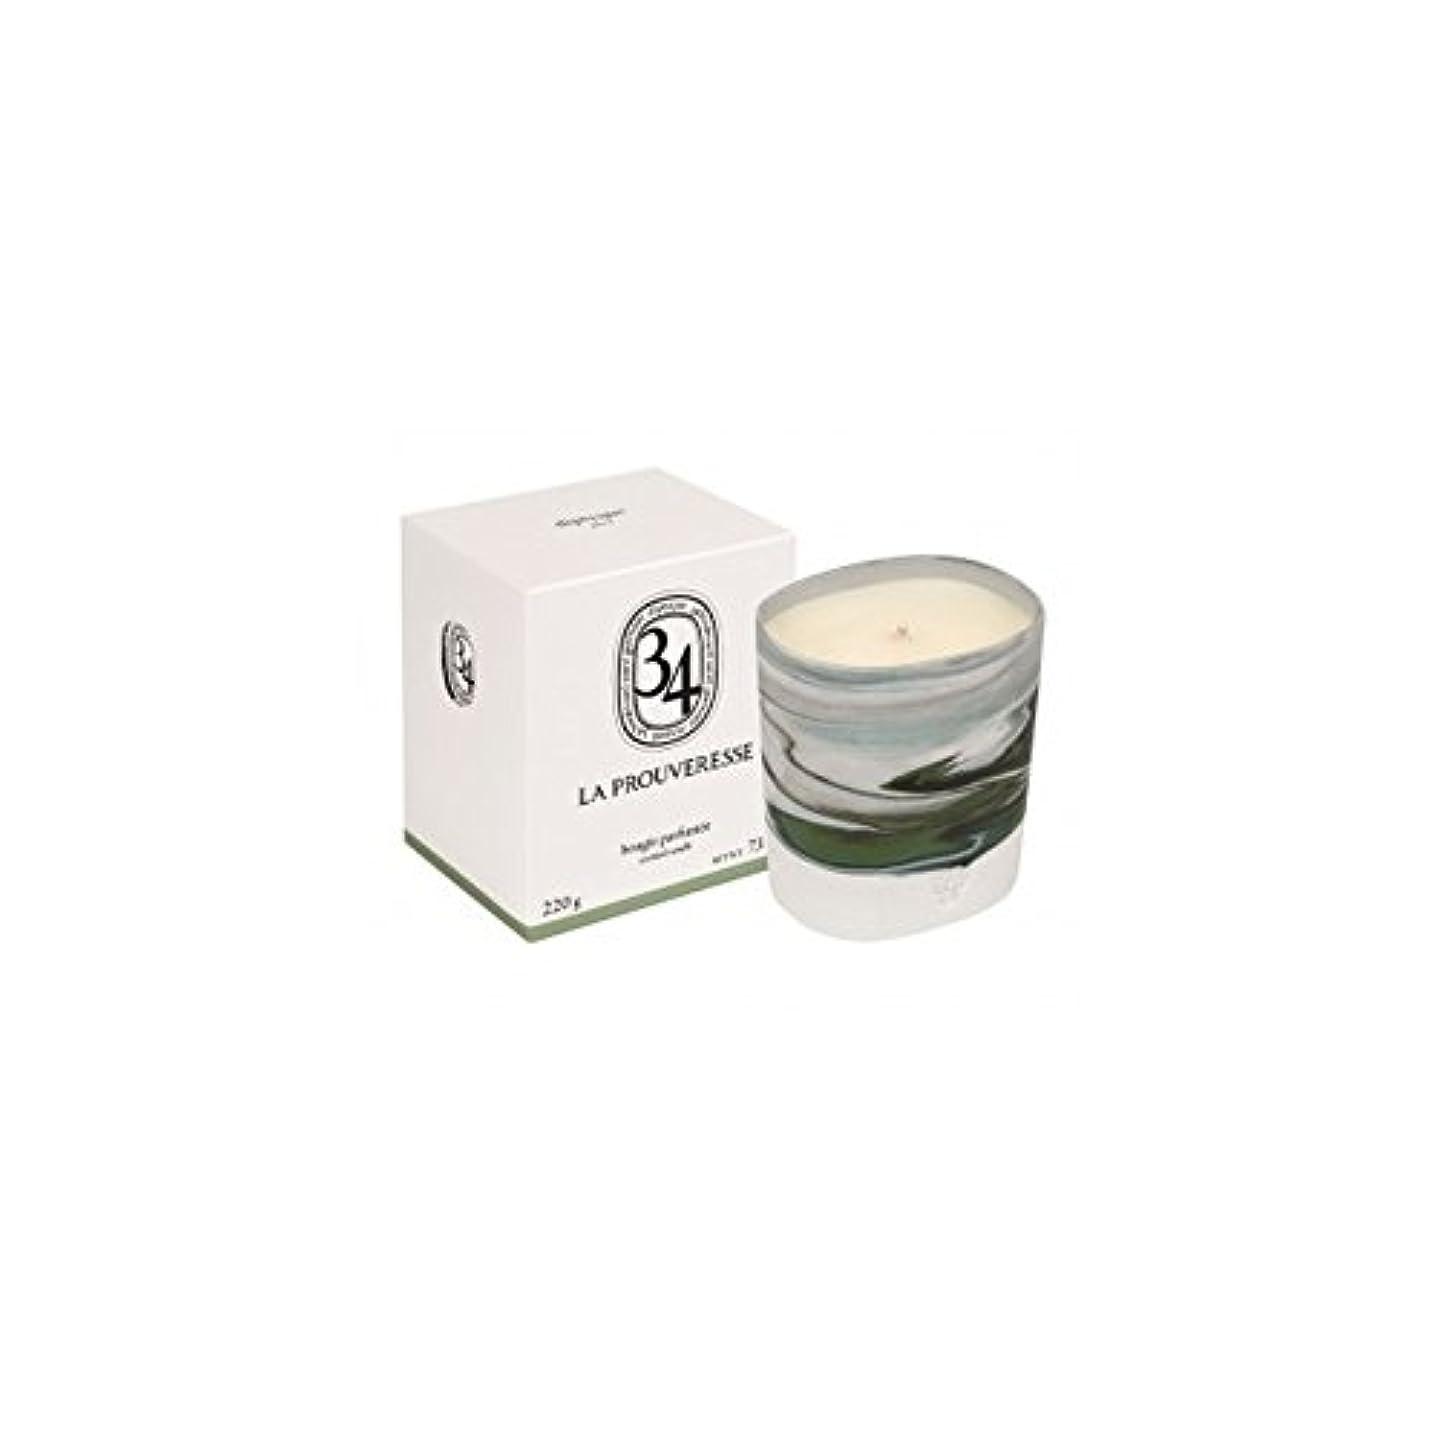 甥我慢する隣接Diptyque Collection 34 La Prouveresse Scented Candle 220g (Pack of 2) - ラProuveresse Diptyqueコレクション34香りのキャンドル220...